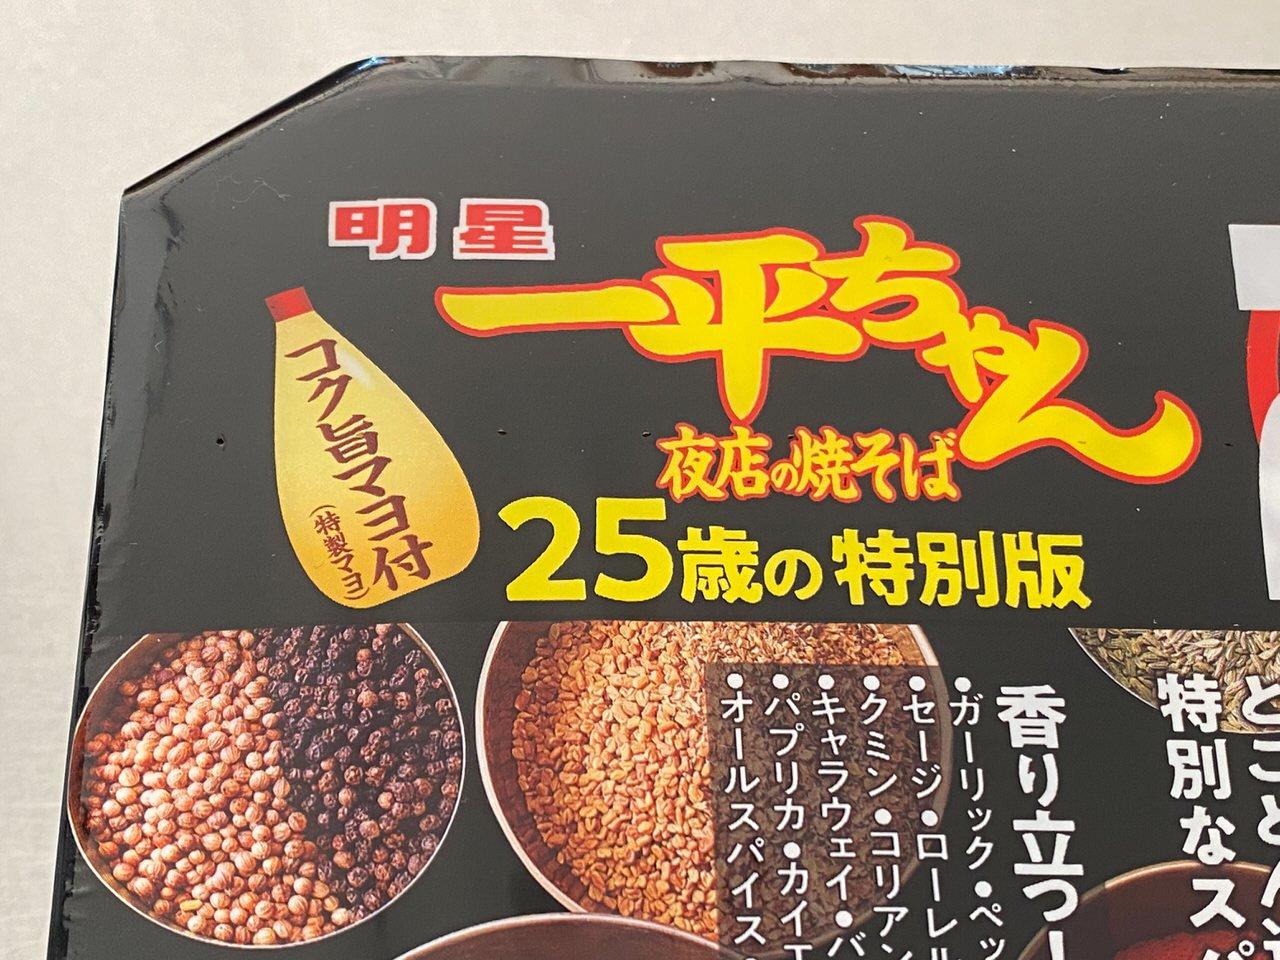 一平ちゃん夜店の焼そば 25種のスパイス香るソース味 02